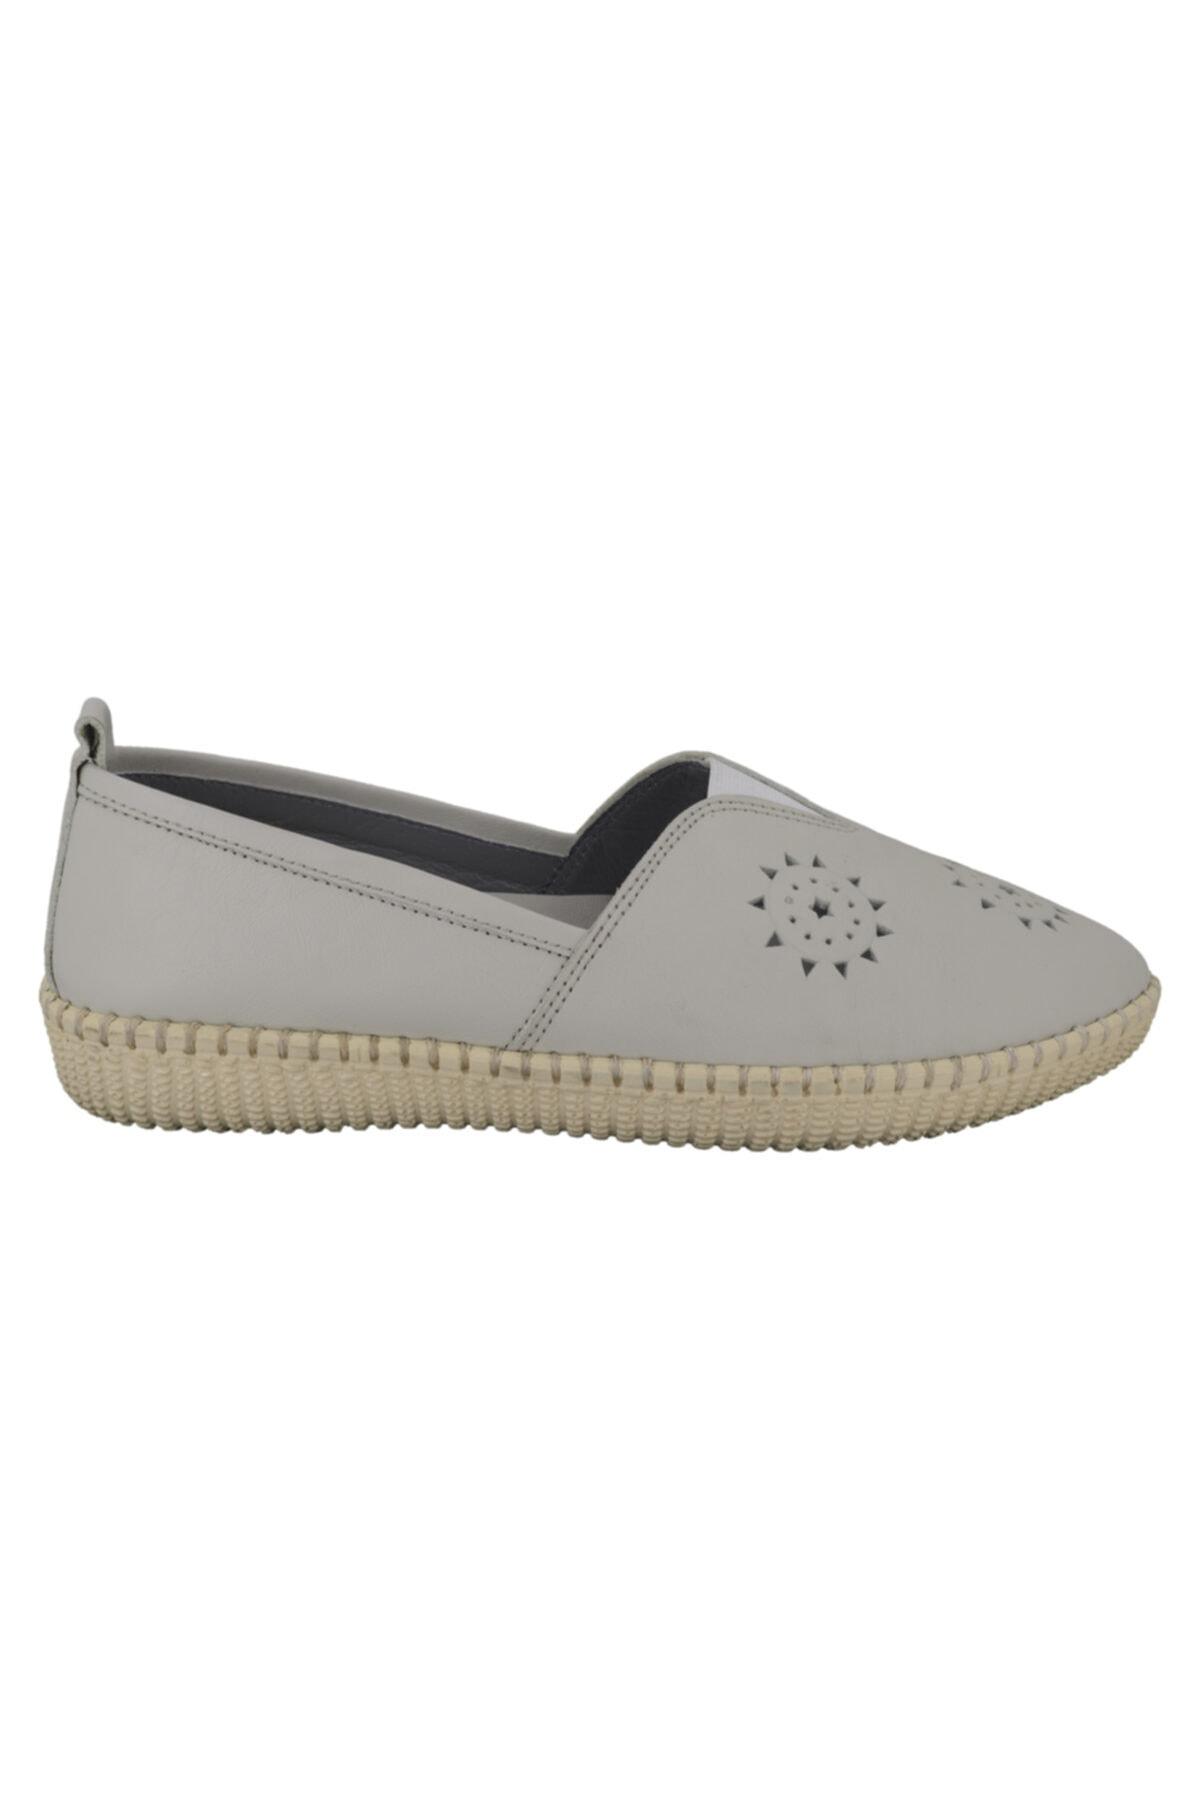 Hobby Bej Deri Kadın Ayakkabı Fb118 1